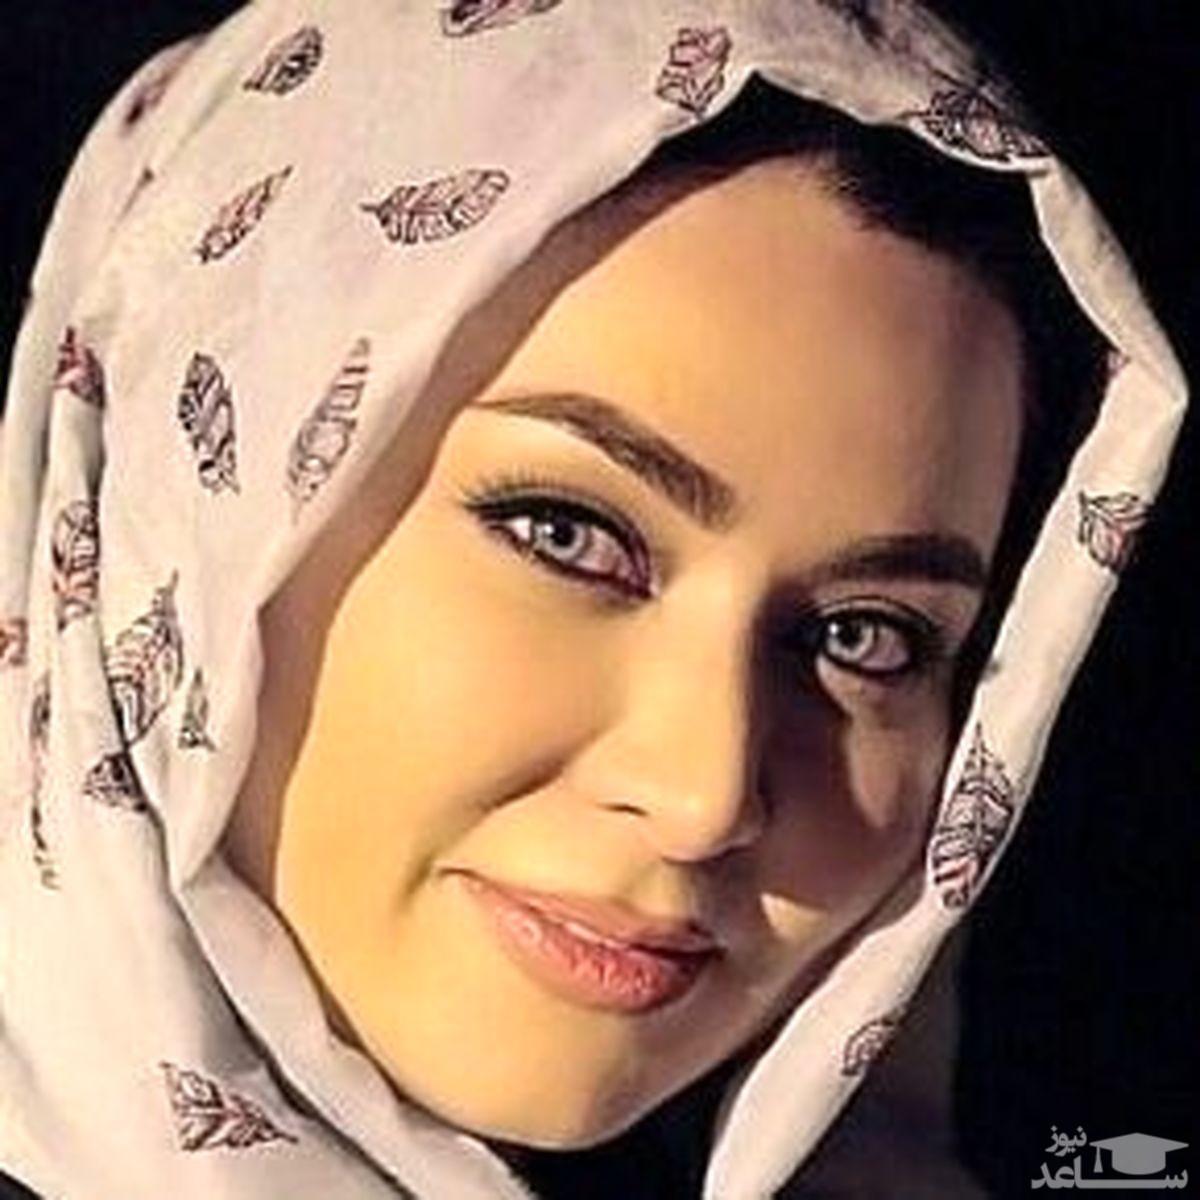 چهره بی نقص و زیبای فقیهه سلطانی